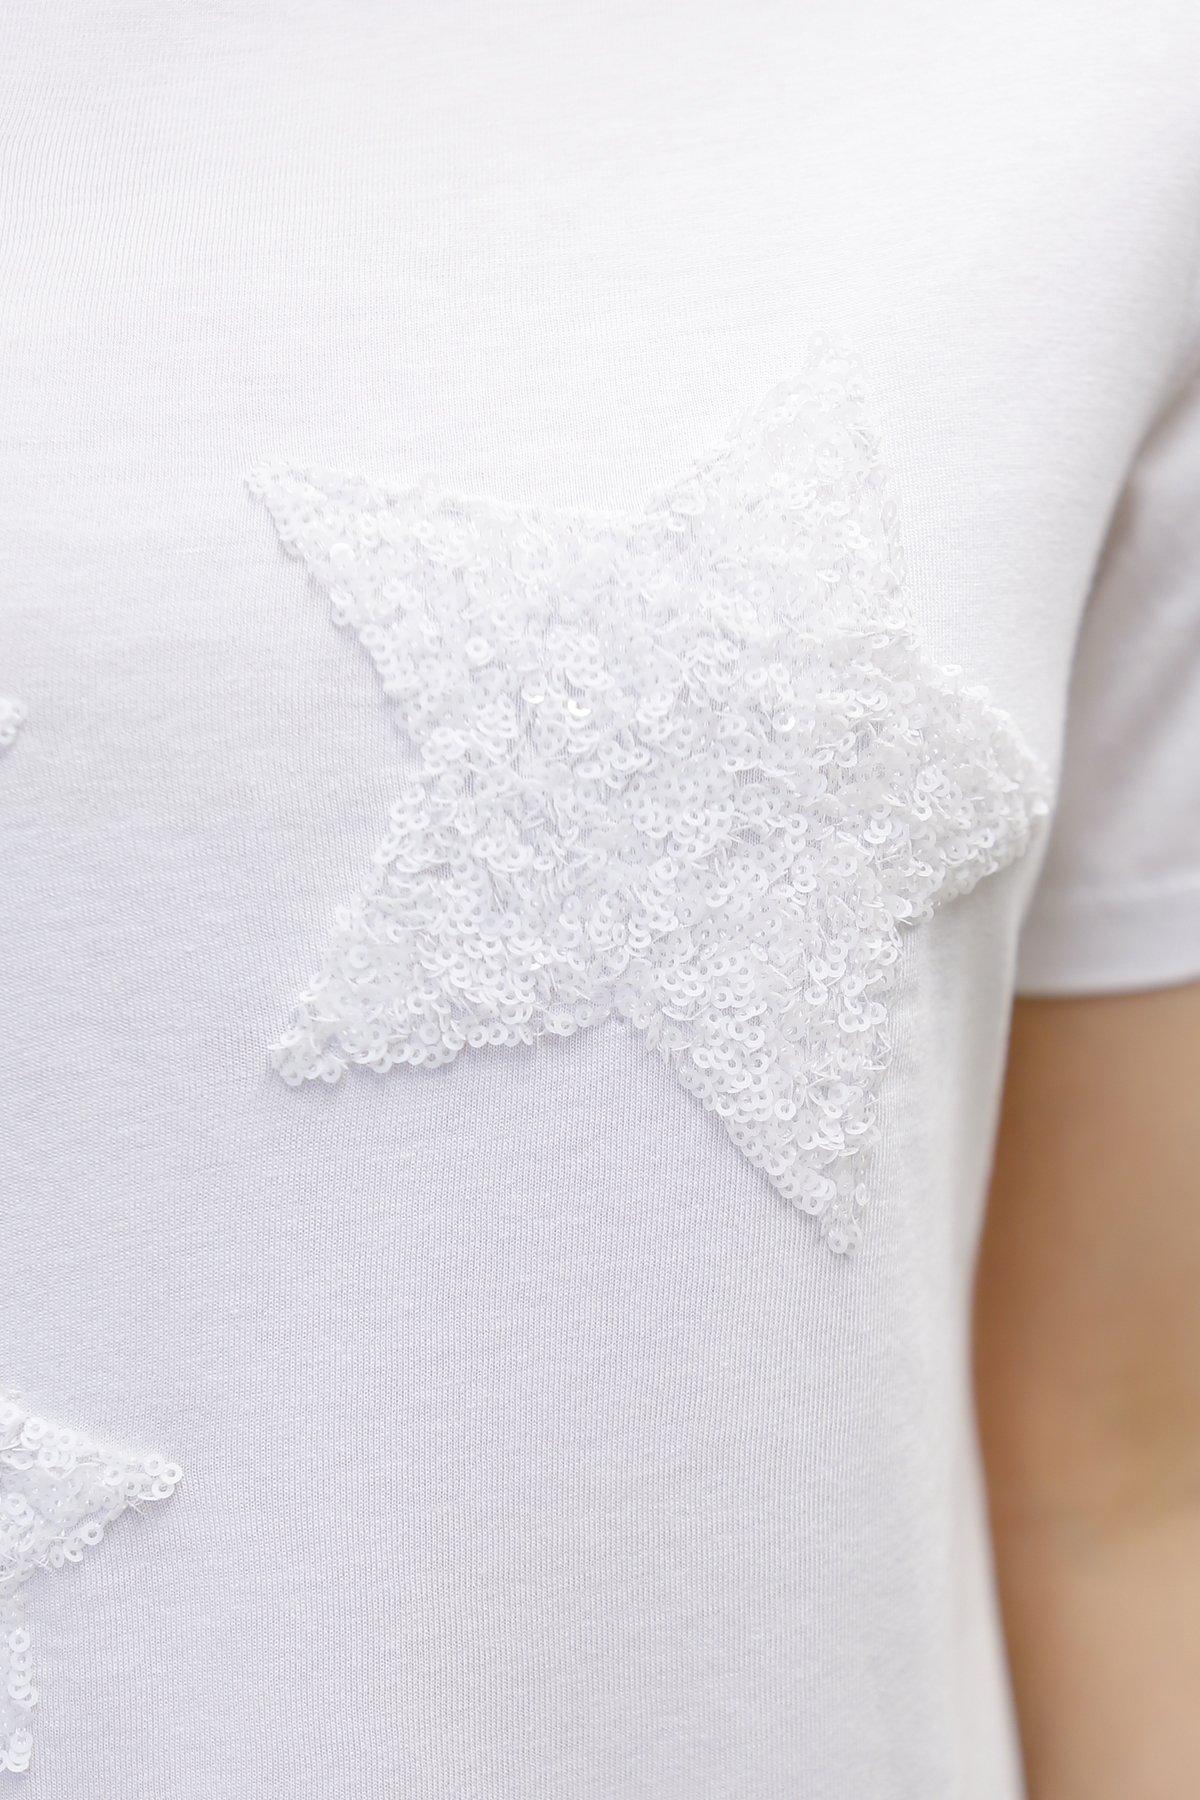 Üç Yıldızlı Tişört